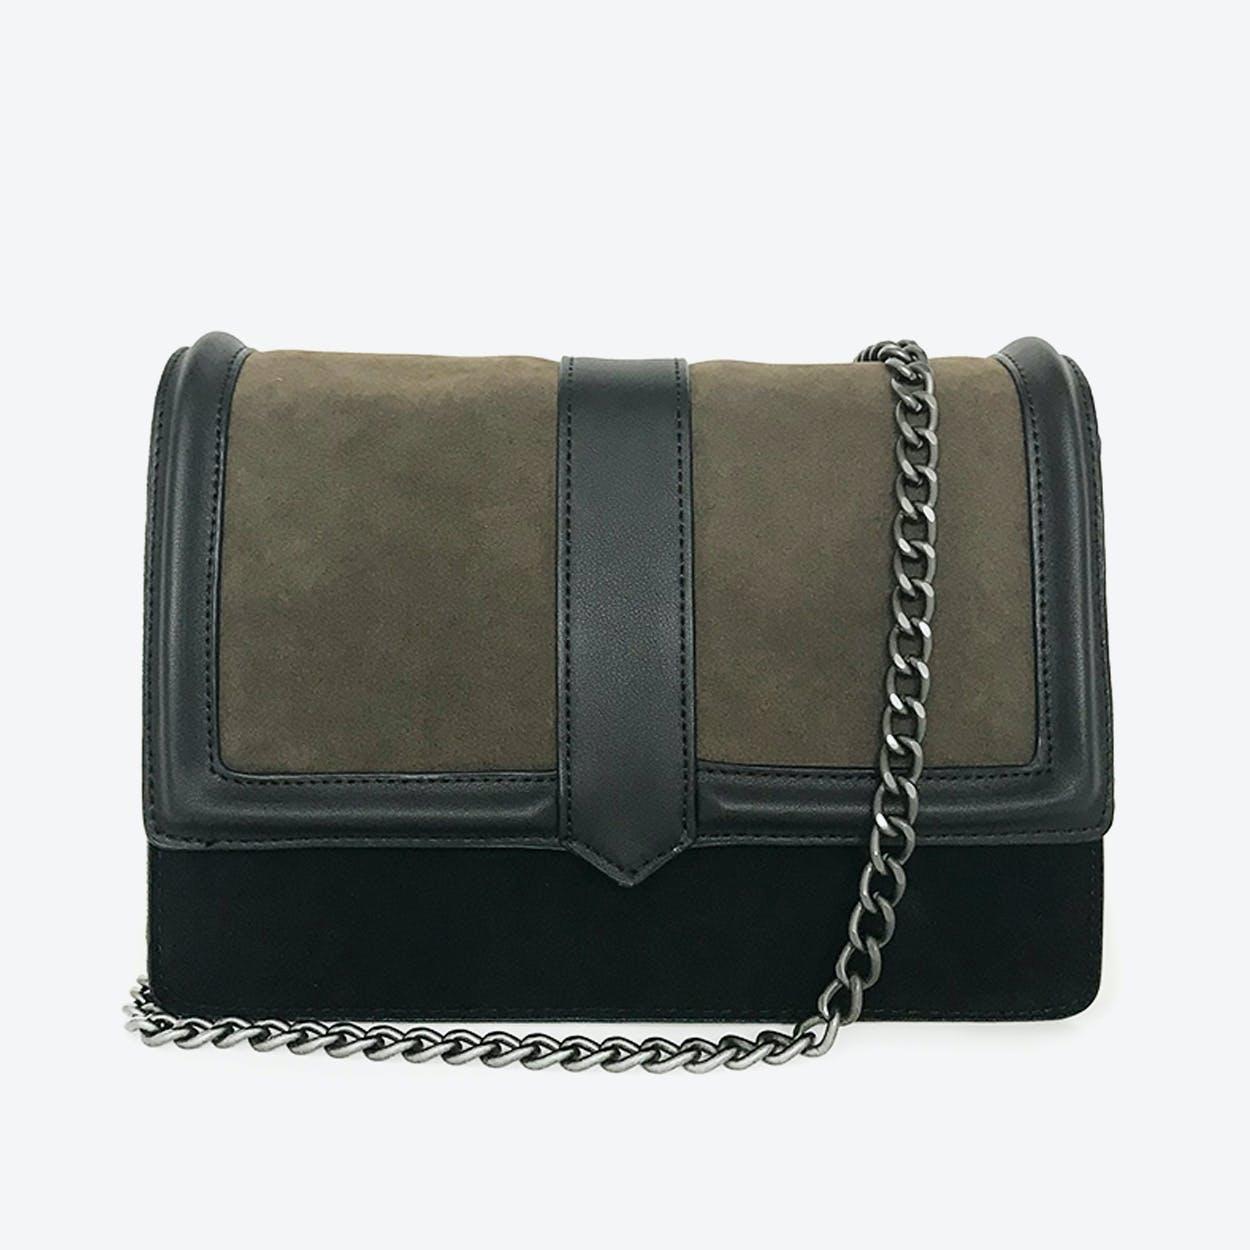 Laval 4 - Crossbody Shoulder Bag